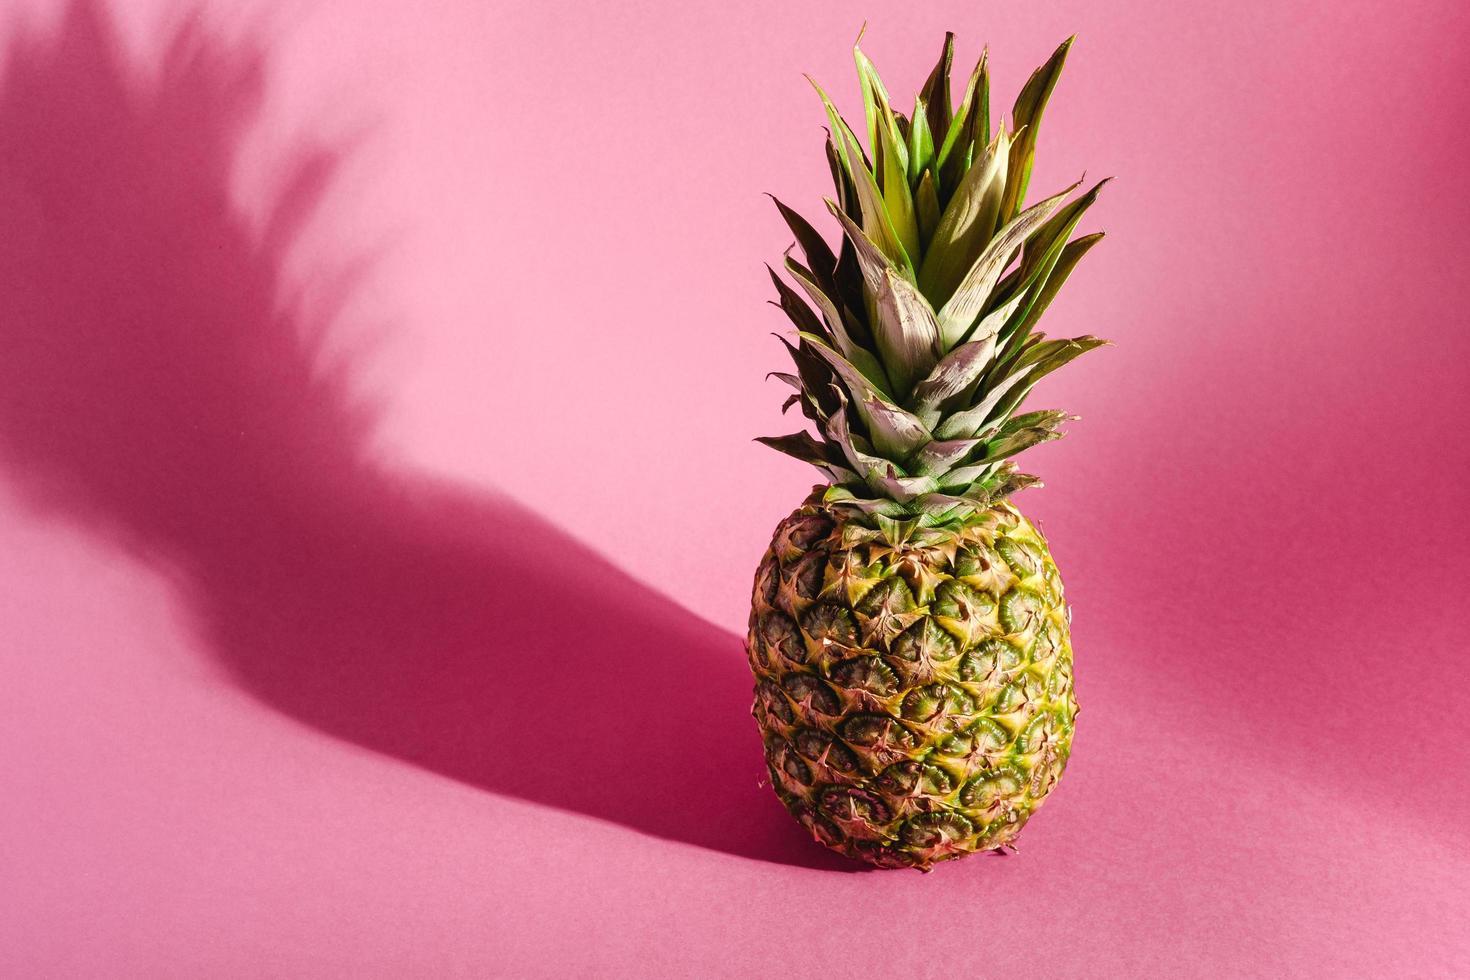 ananas op roze paarse achtergrond met harde schaduw foto